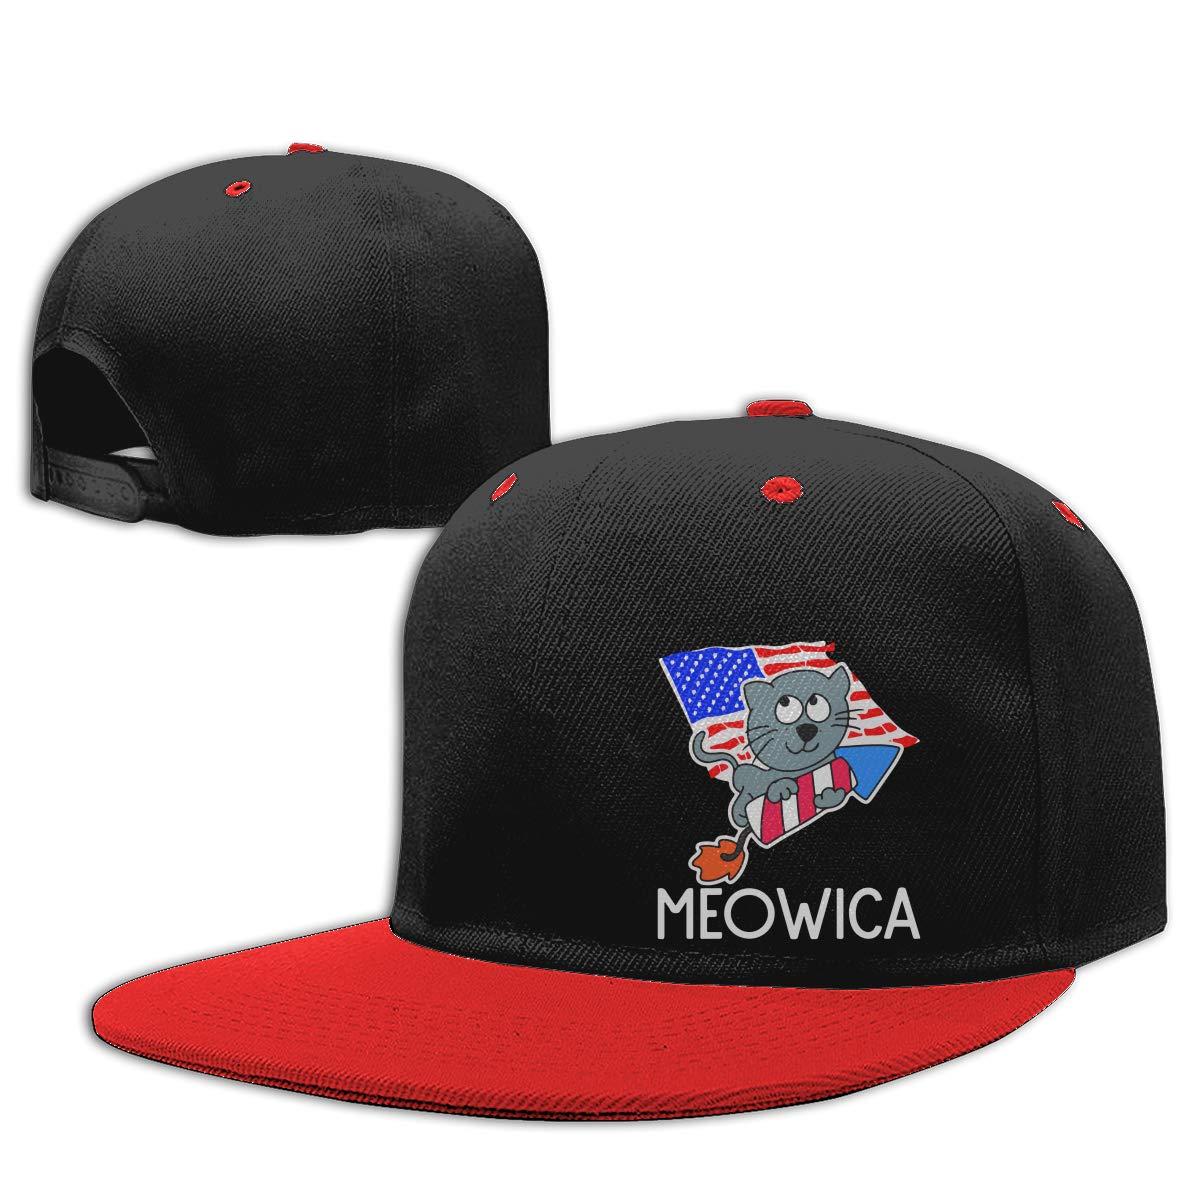 Men and Women Hiphop Cap Cat Fireworks Printed Flat Bill Baseball Caps